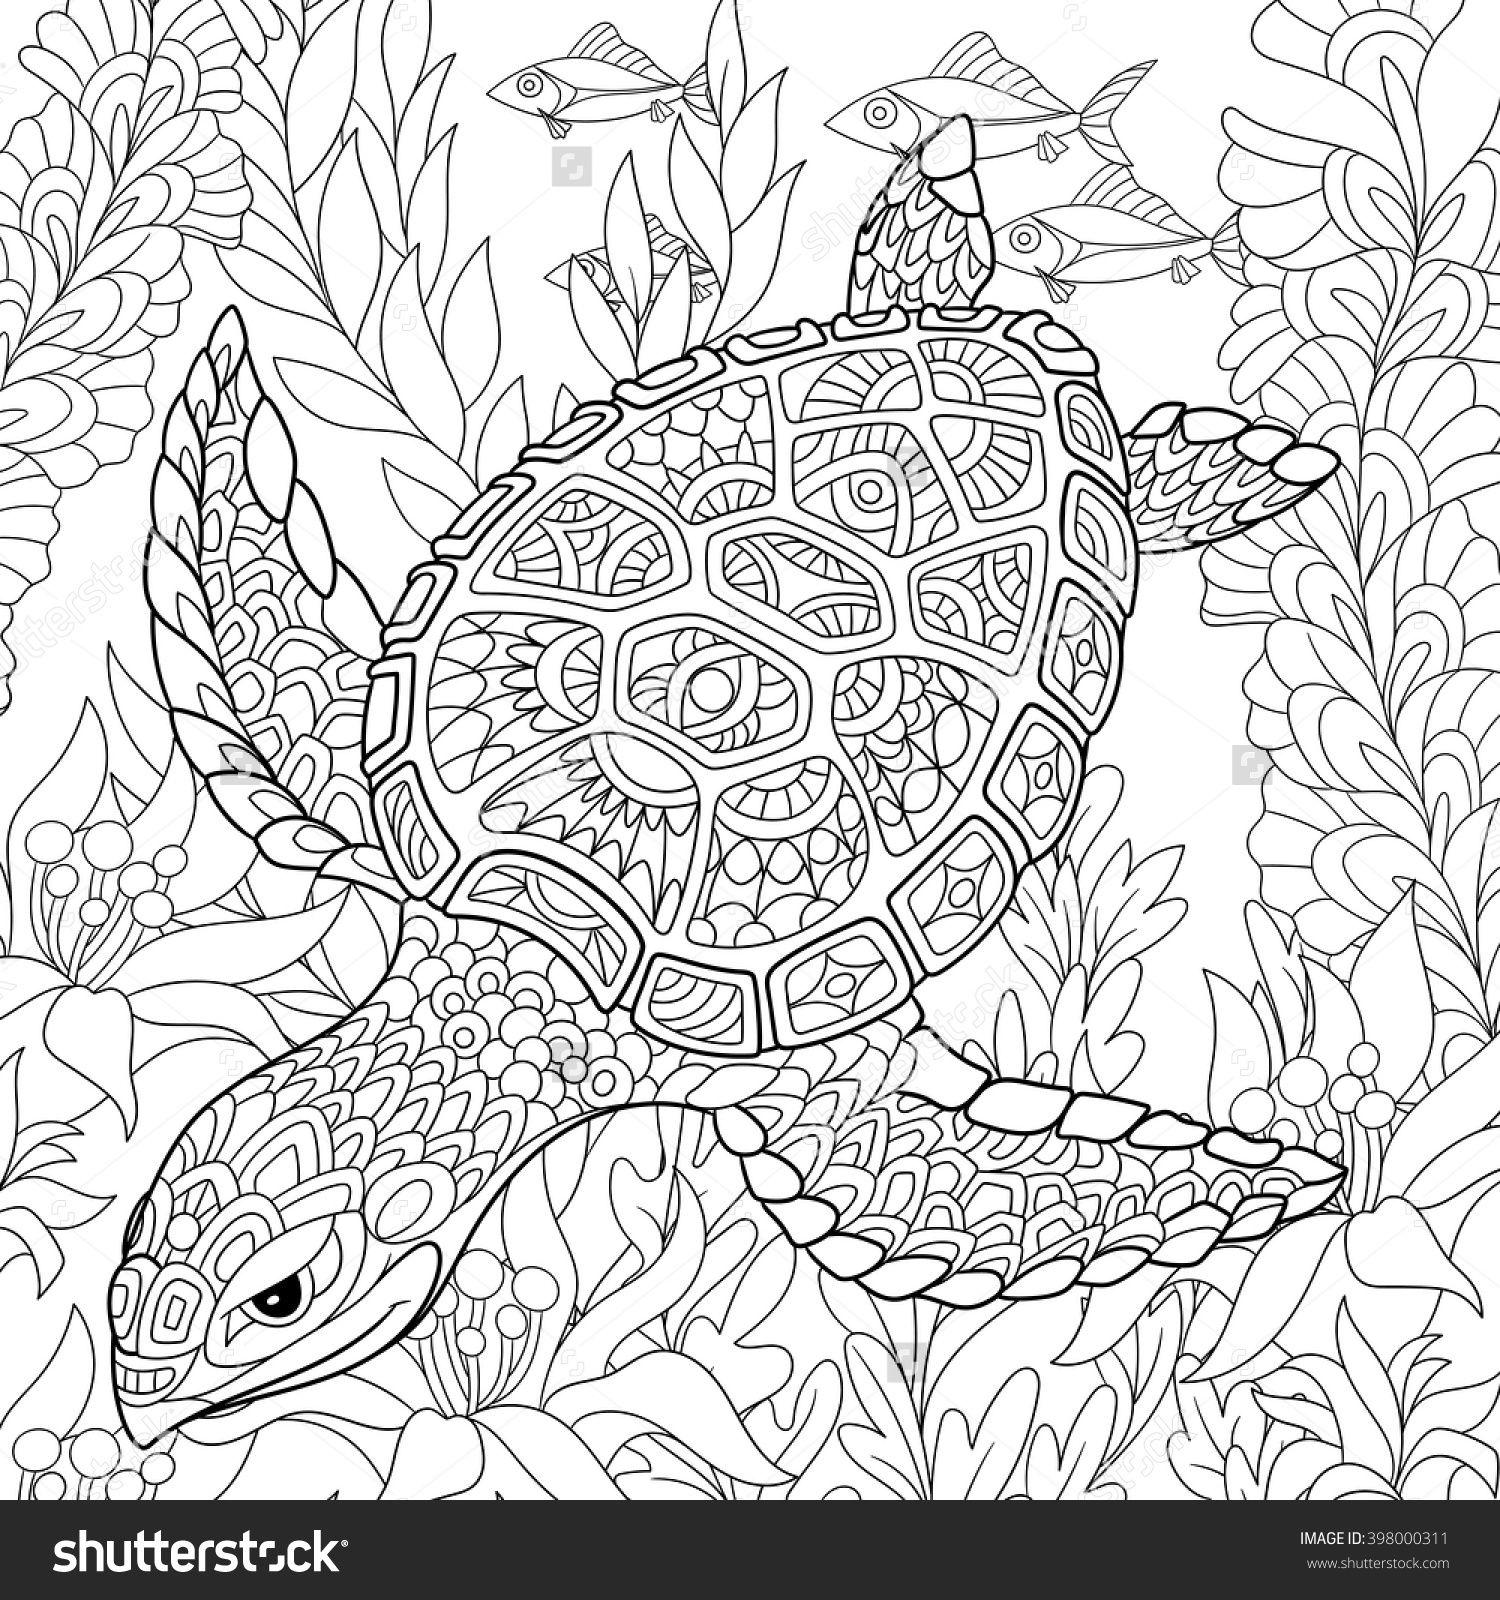 stock-vector-zentangle-stylized-cartoon-turtle-swimming-among-sea ...